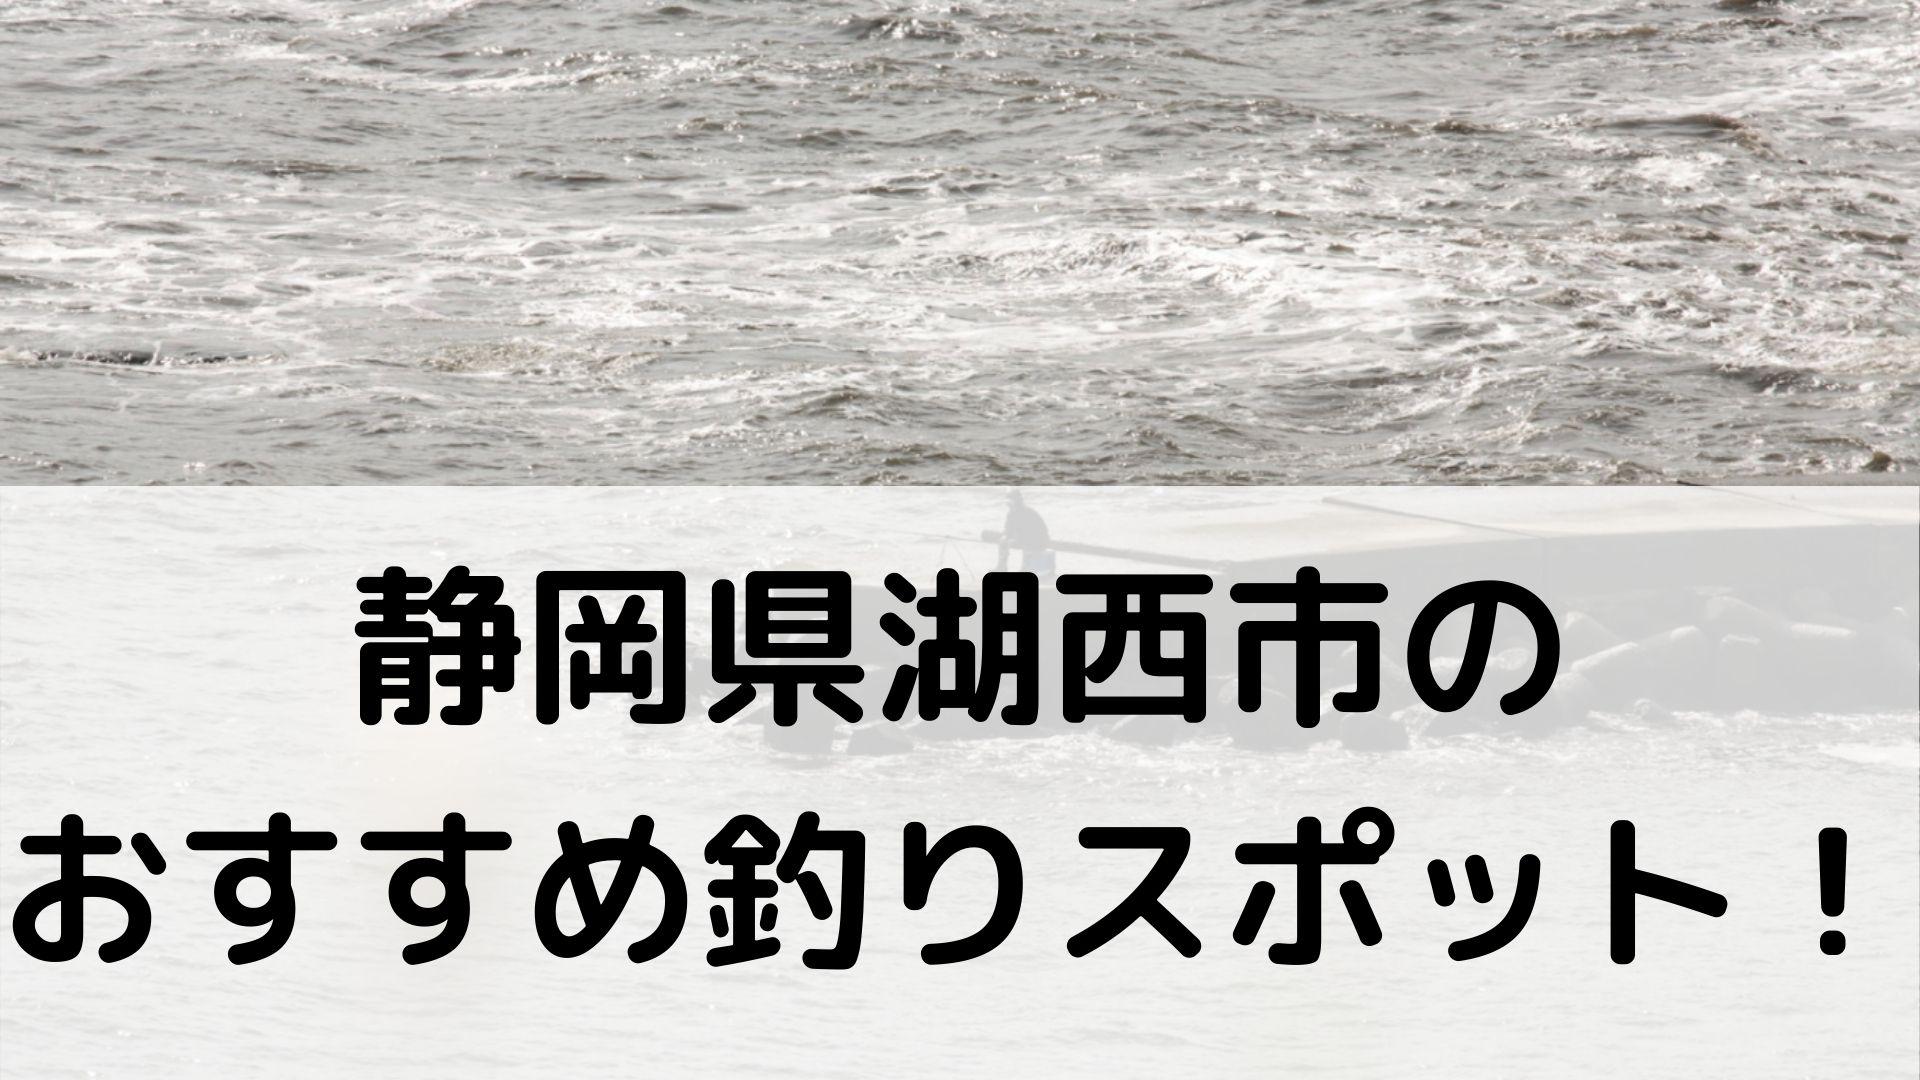 静岡県湖西市のおすすめ釣りスポットに関する参考画像